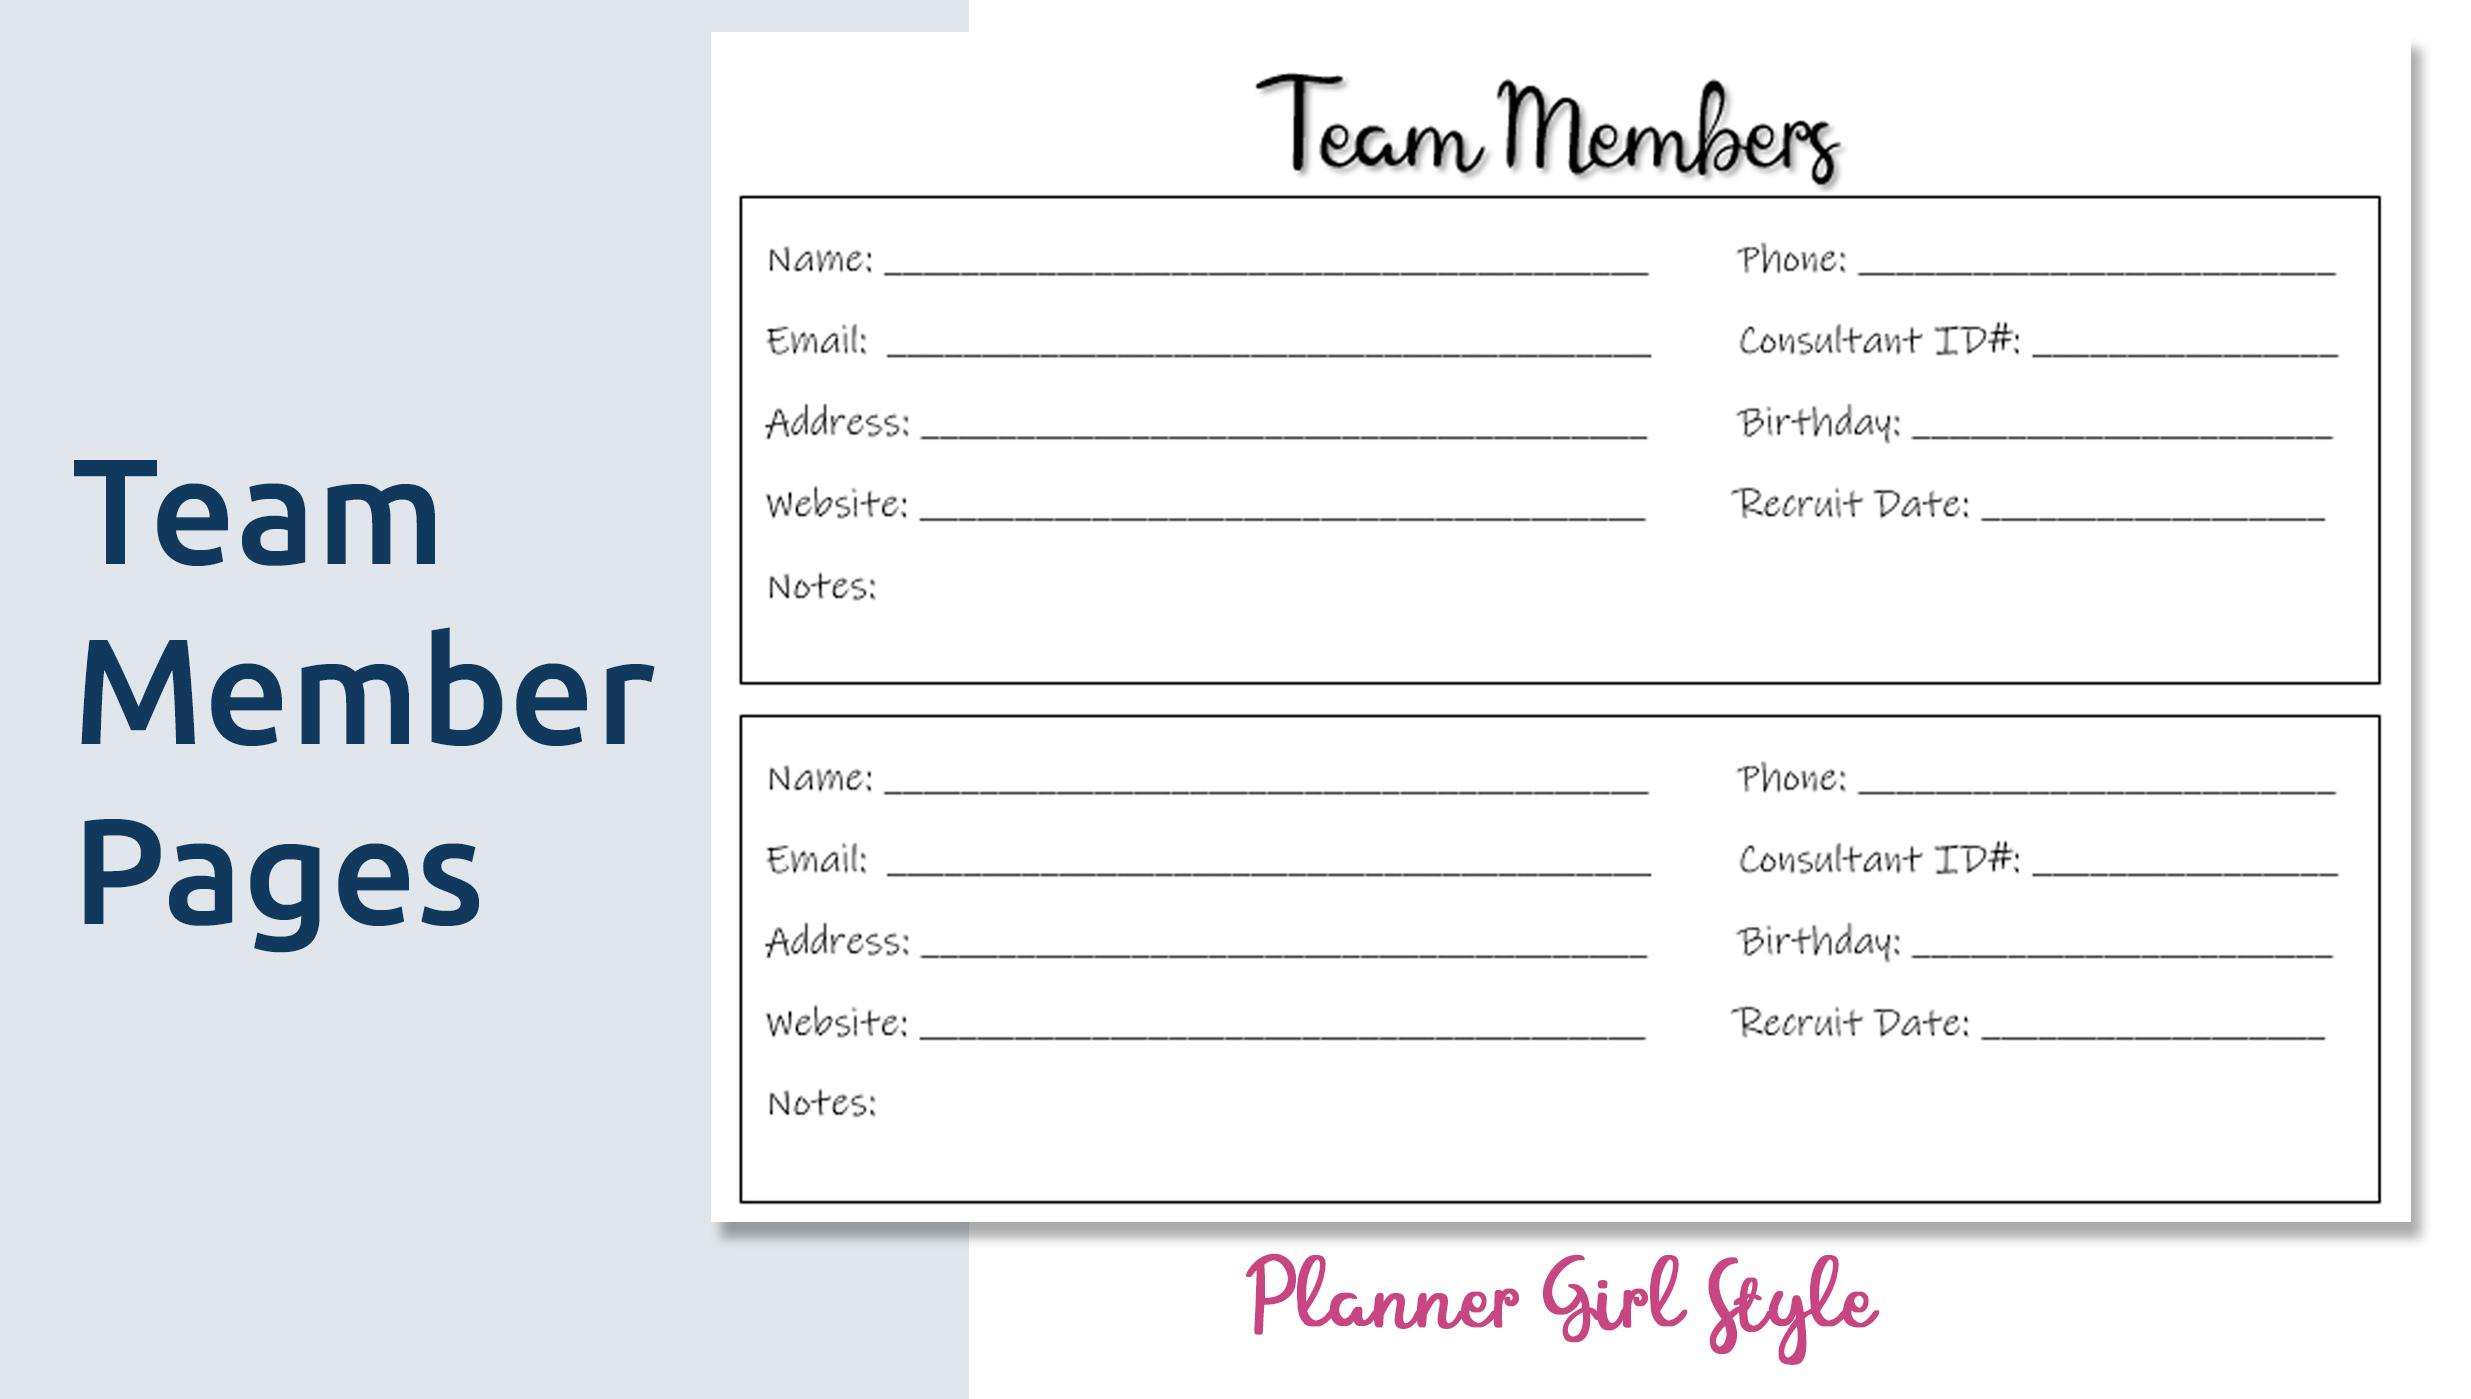 Direct Sales - Team Members.jpg